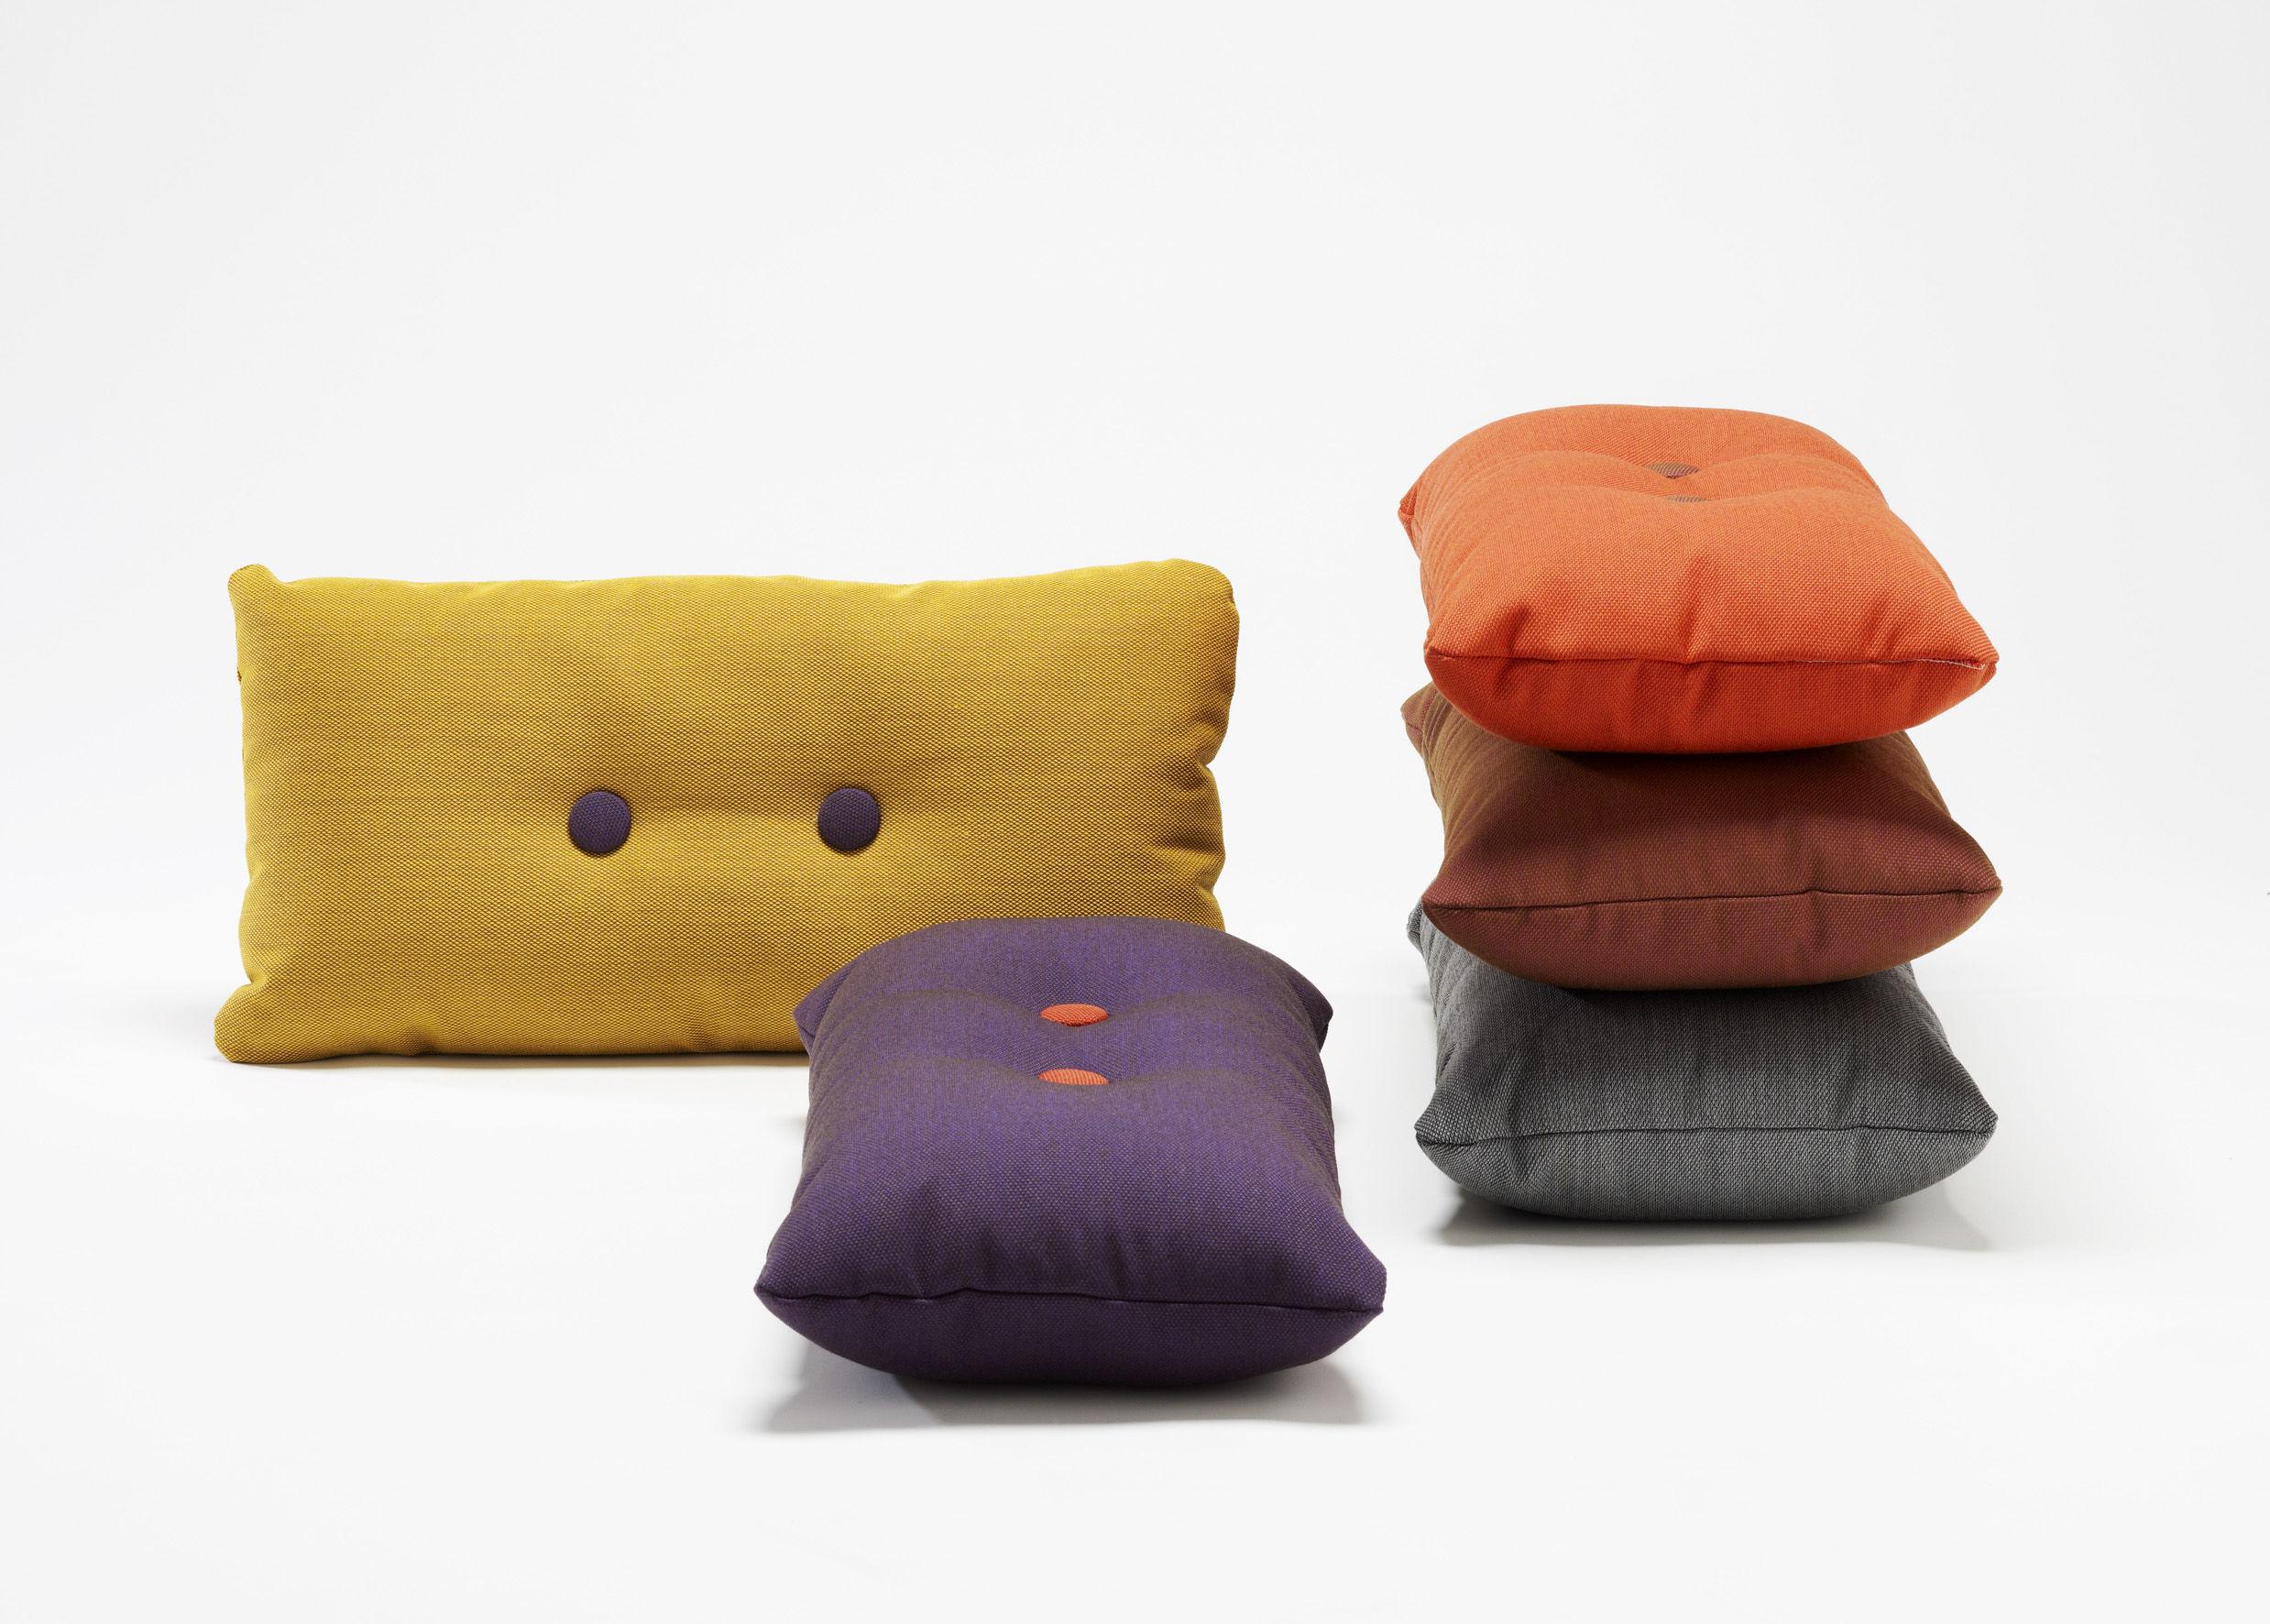 Arredamento moderno lampade design e oggetti design per for Cuscini d arredo per divani